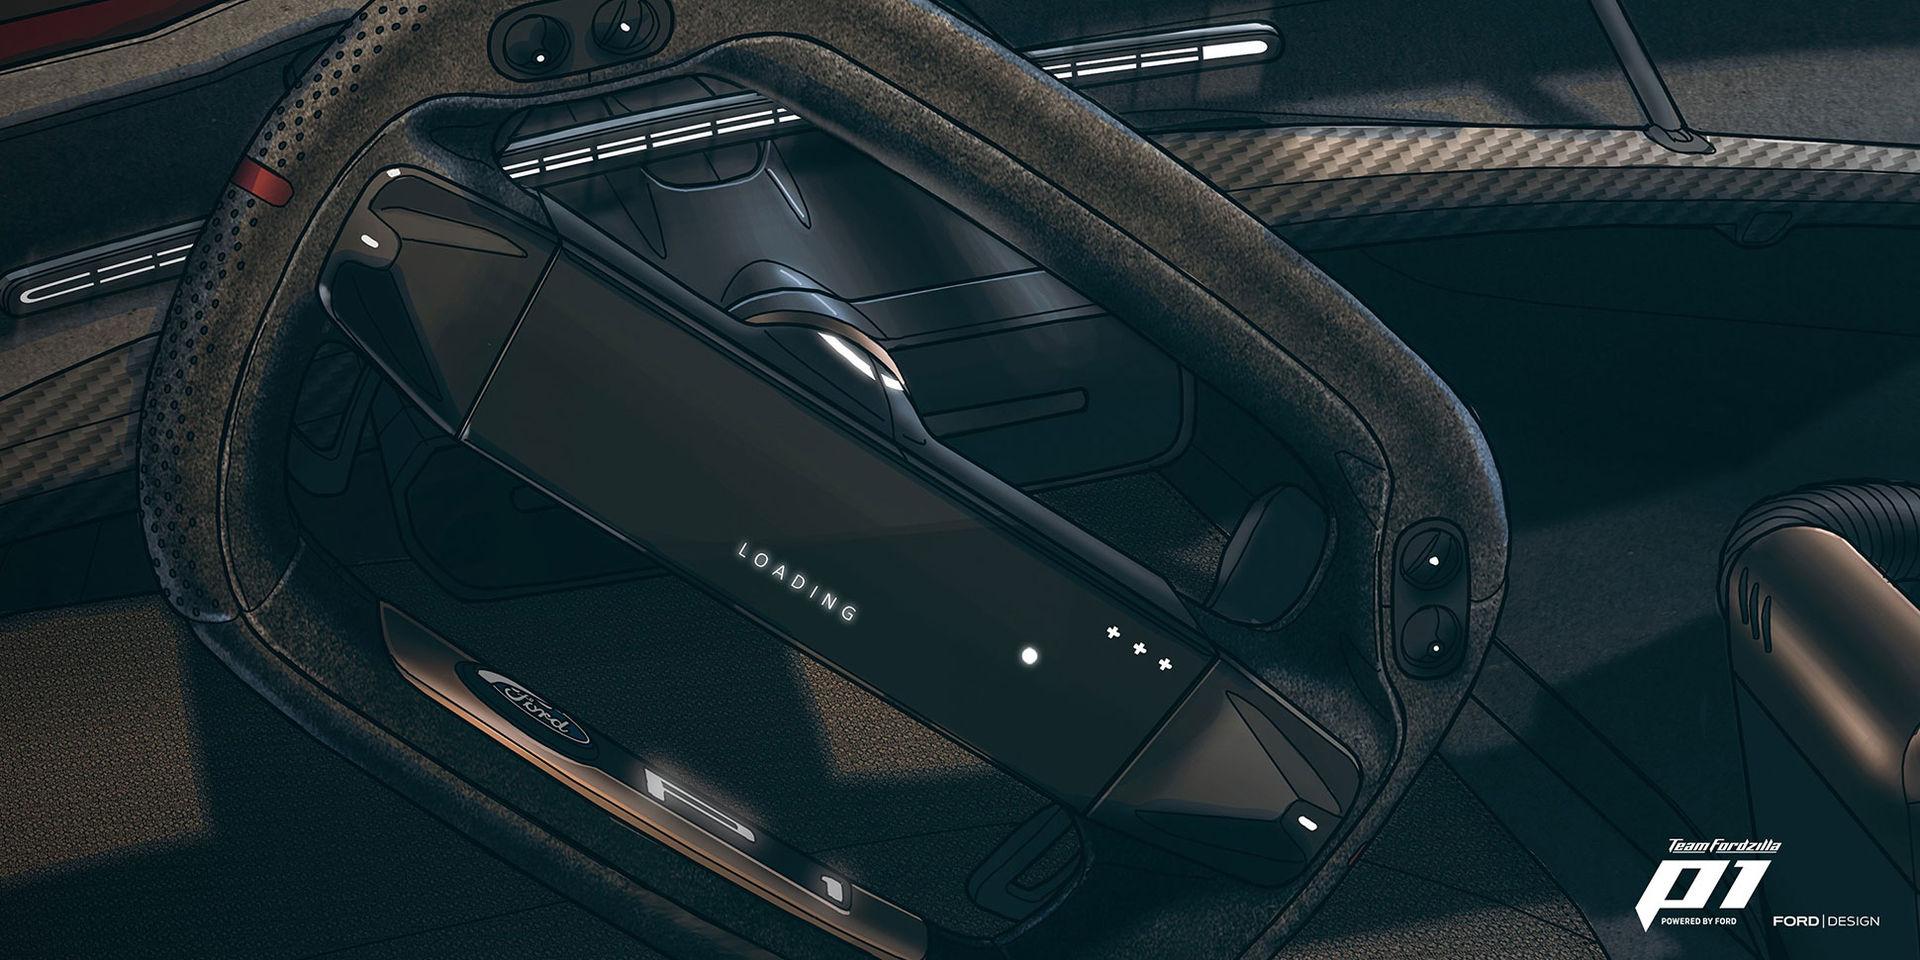 Gamers ska hjälpa Ford att designa virtuell tävlingsbil